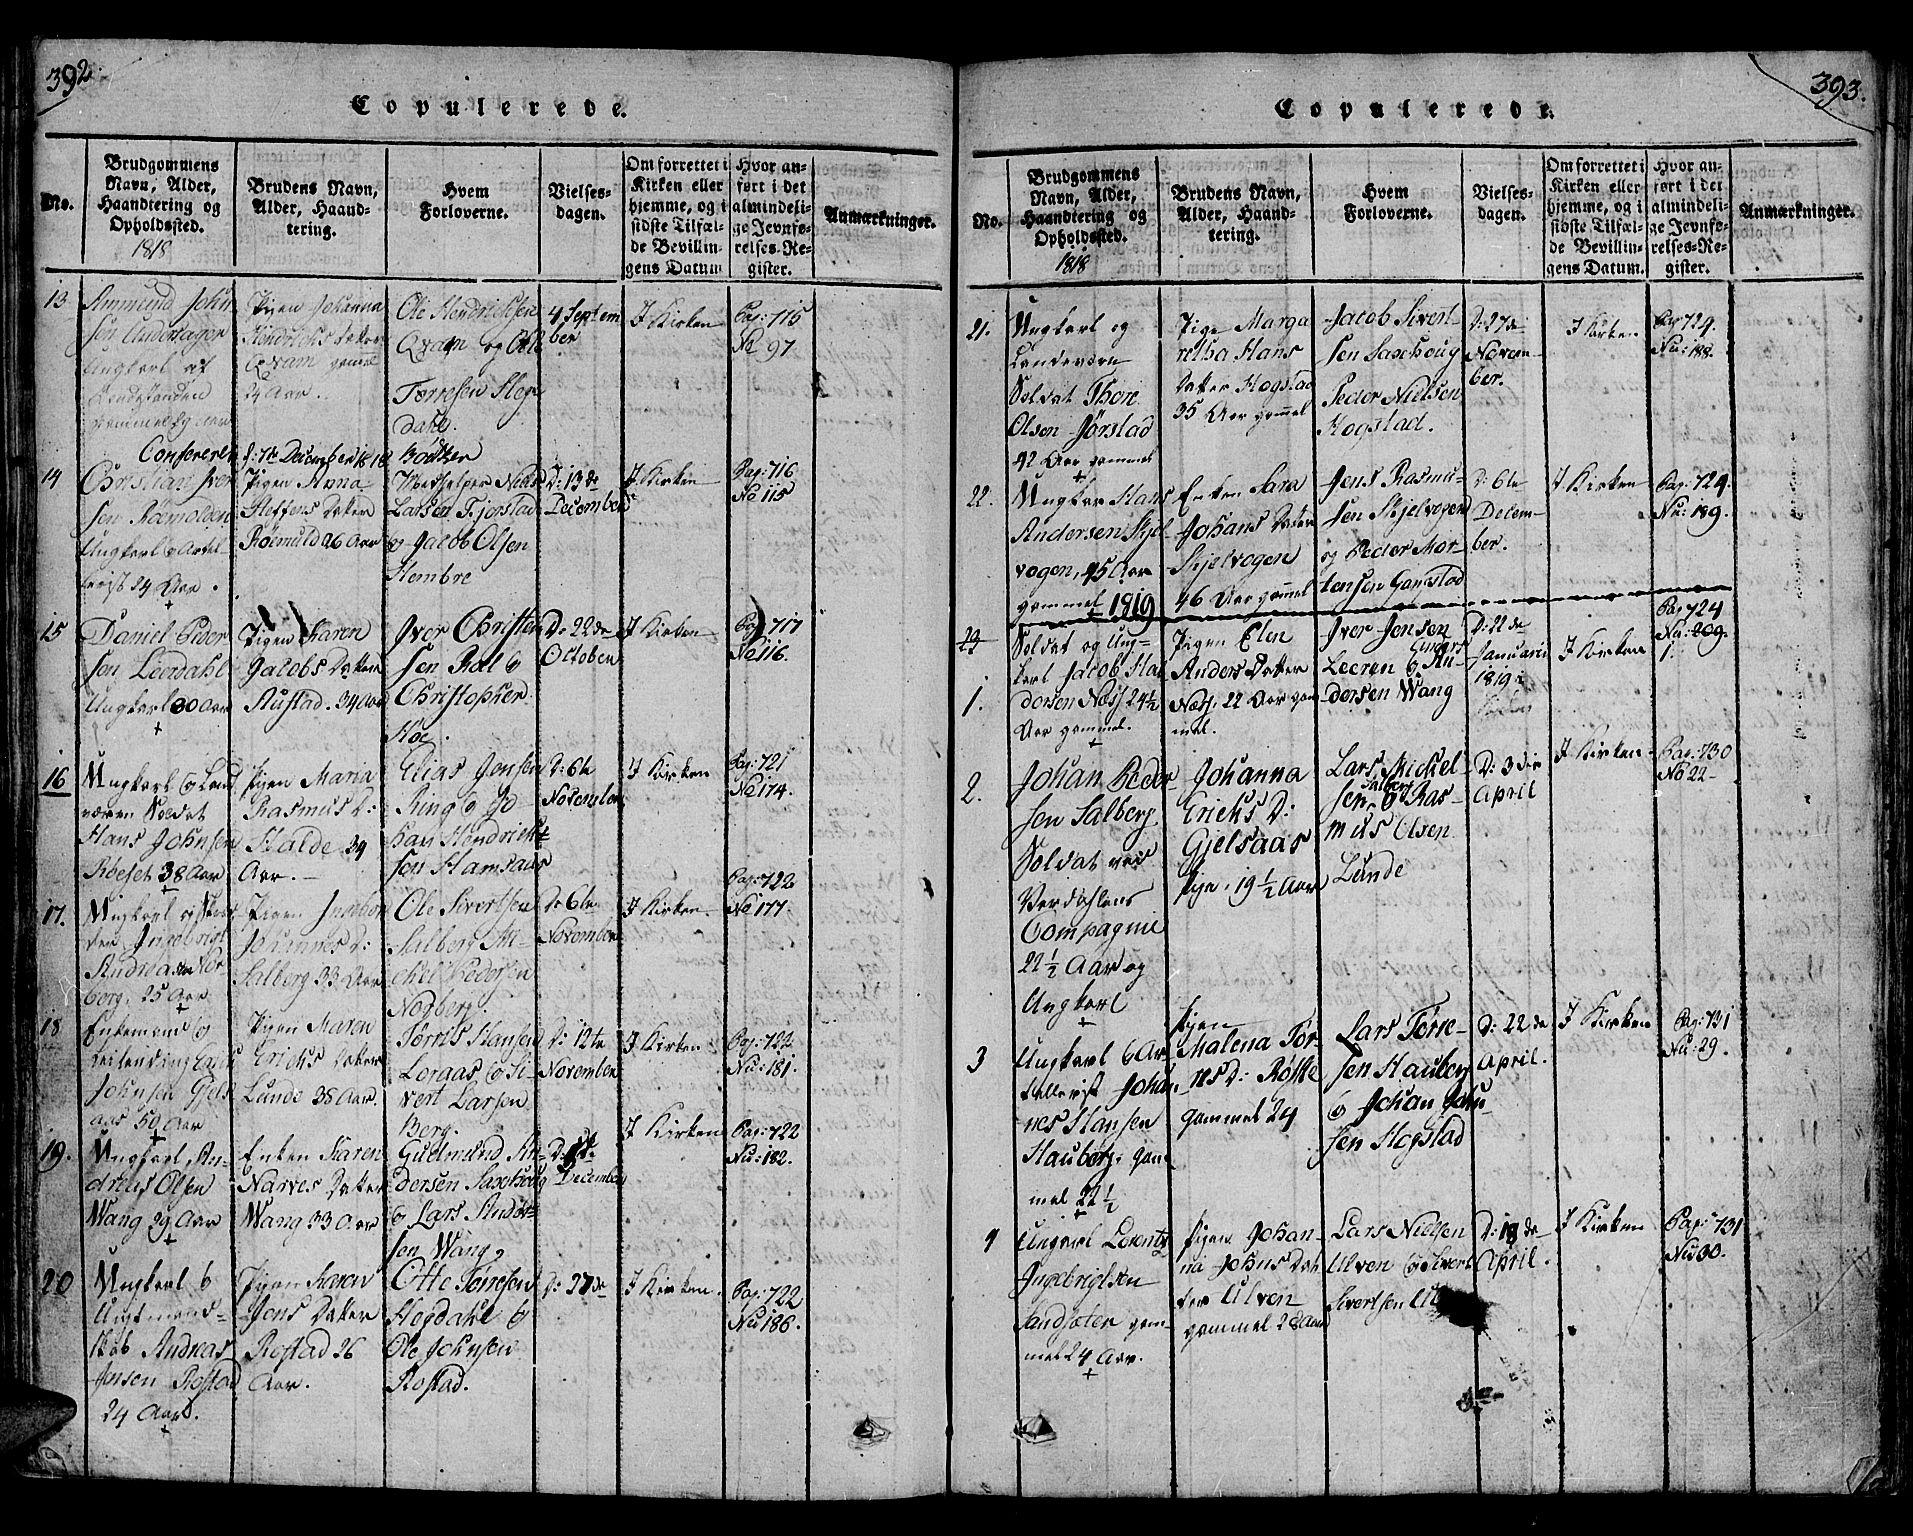 SAT, Ministerialprotokoller, klokkerbøker og fødselsregistre - Nord-Trøndelag, 730/L0275: Ministerialbok nr. 730A04, 1816-1822, s. 392-393